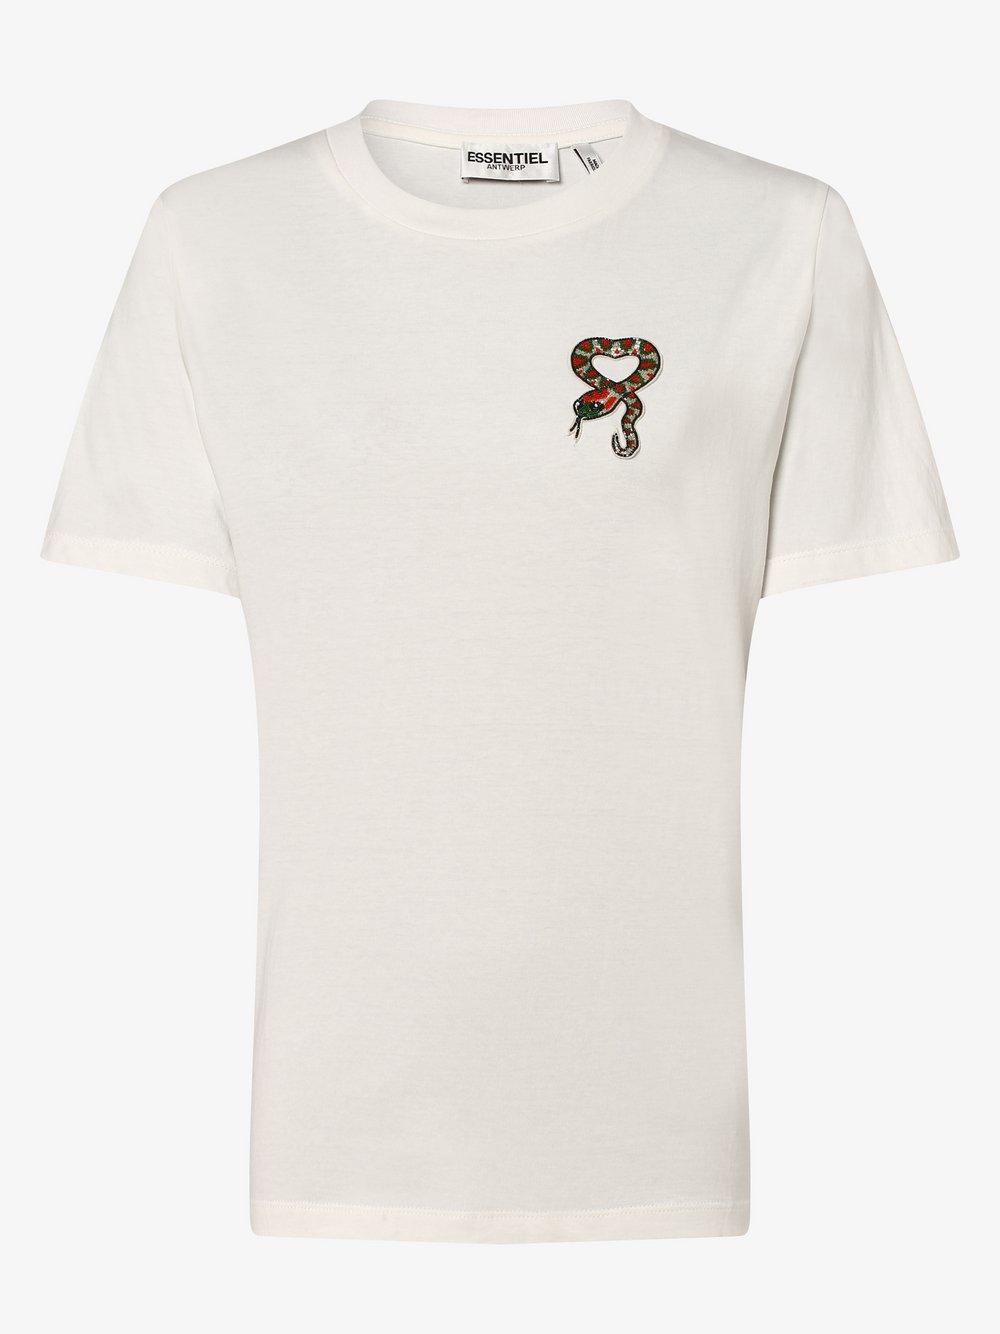 Essentiel Antwerp – T-shirt damski, biały Van Graaf 447887-0001-09920